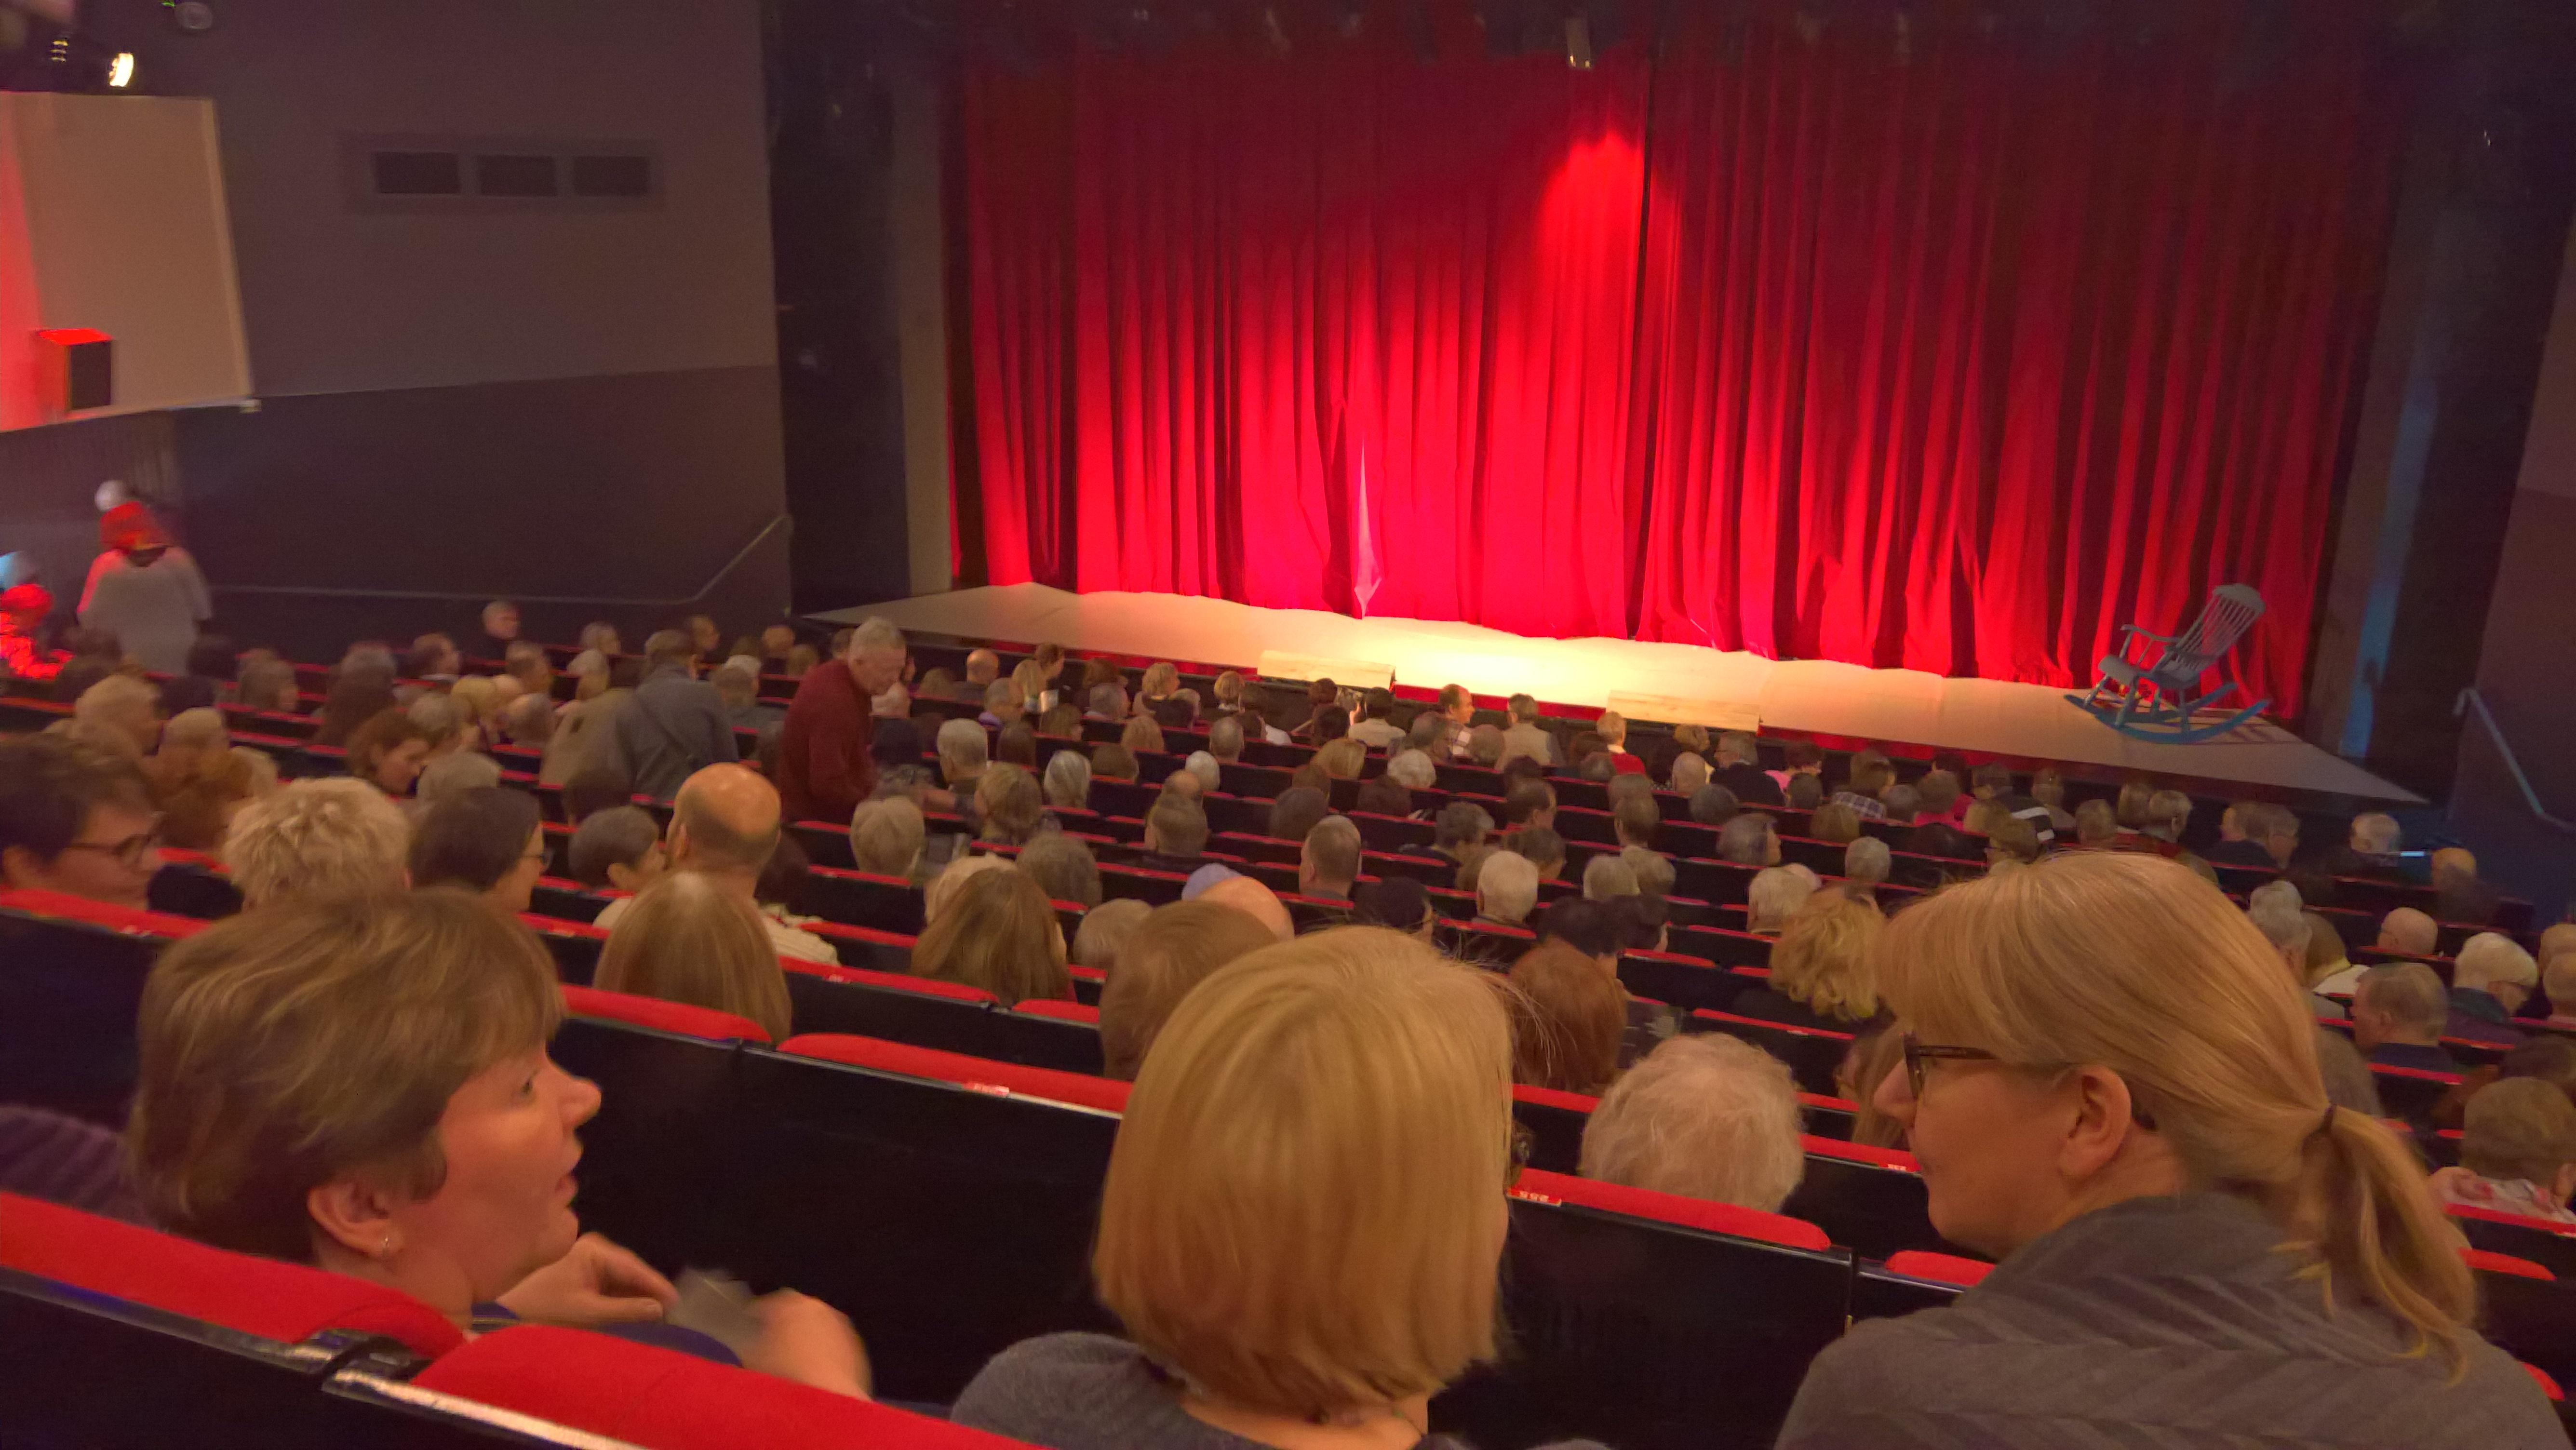 Satumaassa teatterissa